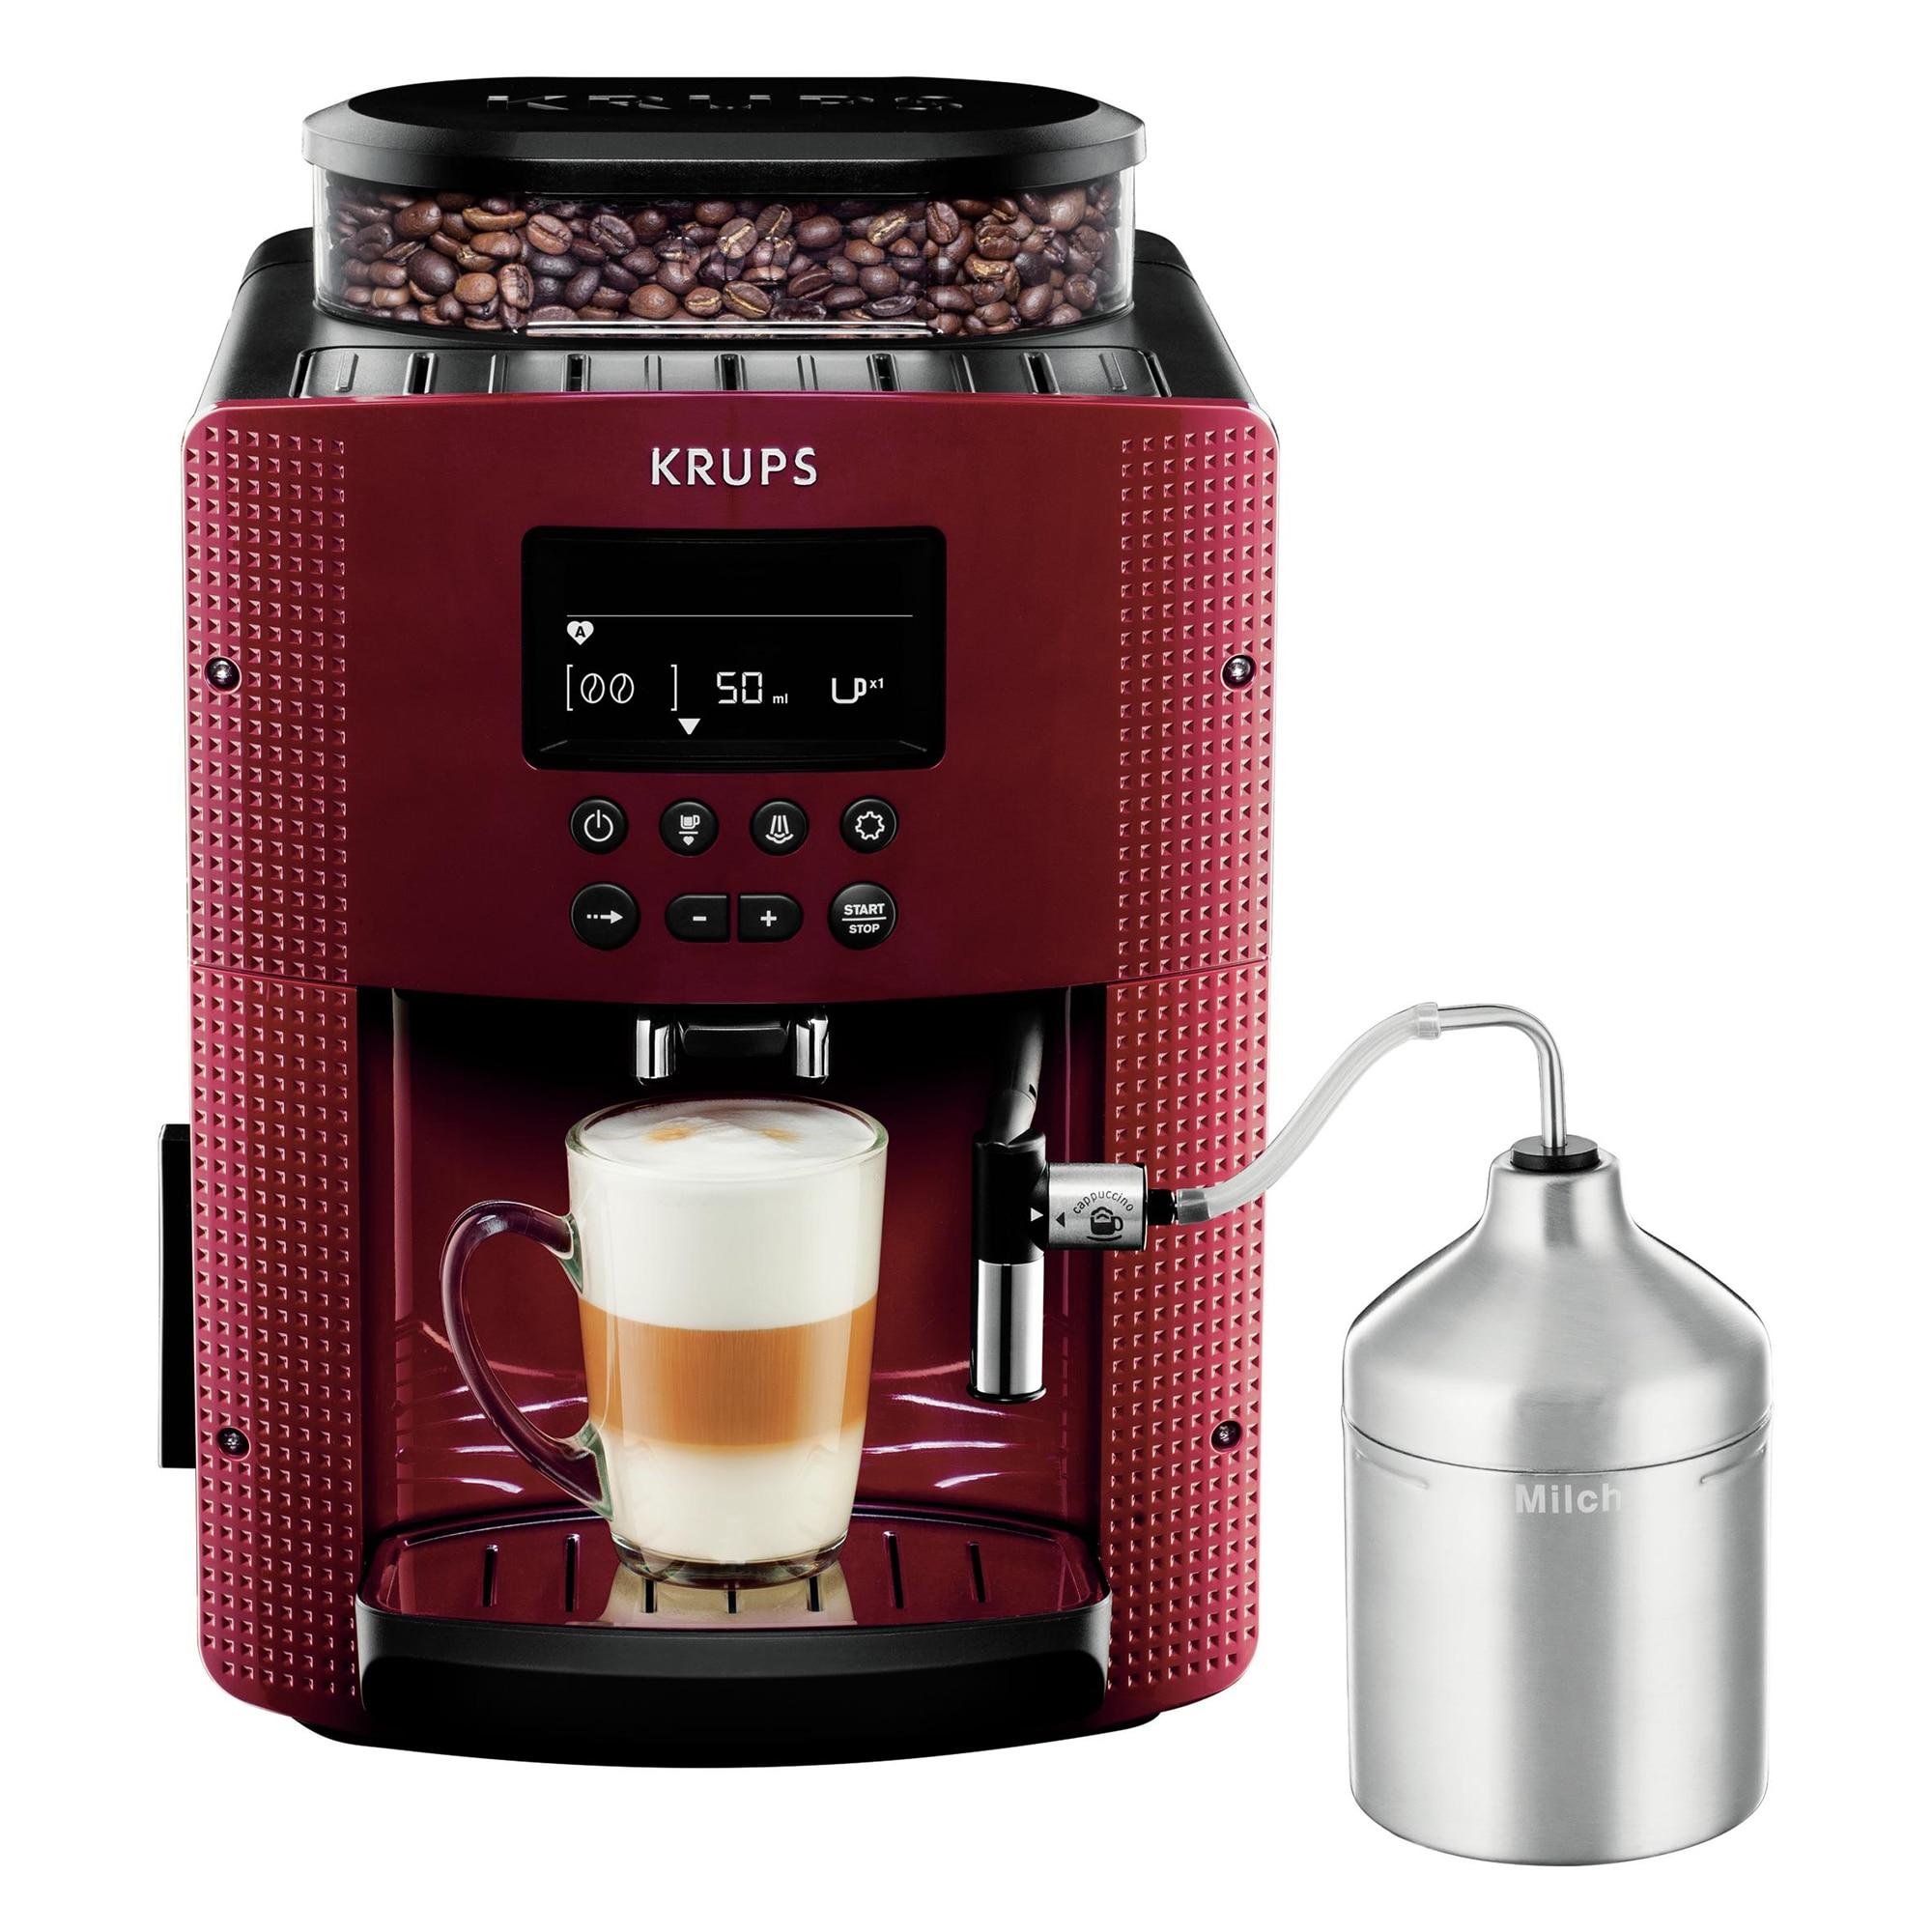 Fotografie Espressor automat KRUPS EA816570, 1.7l, 1450W, 15 bar, rosu